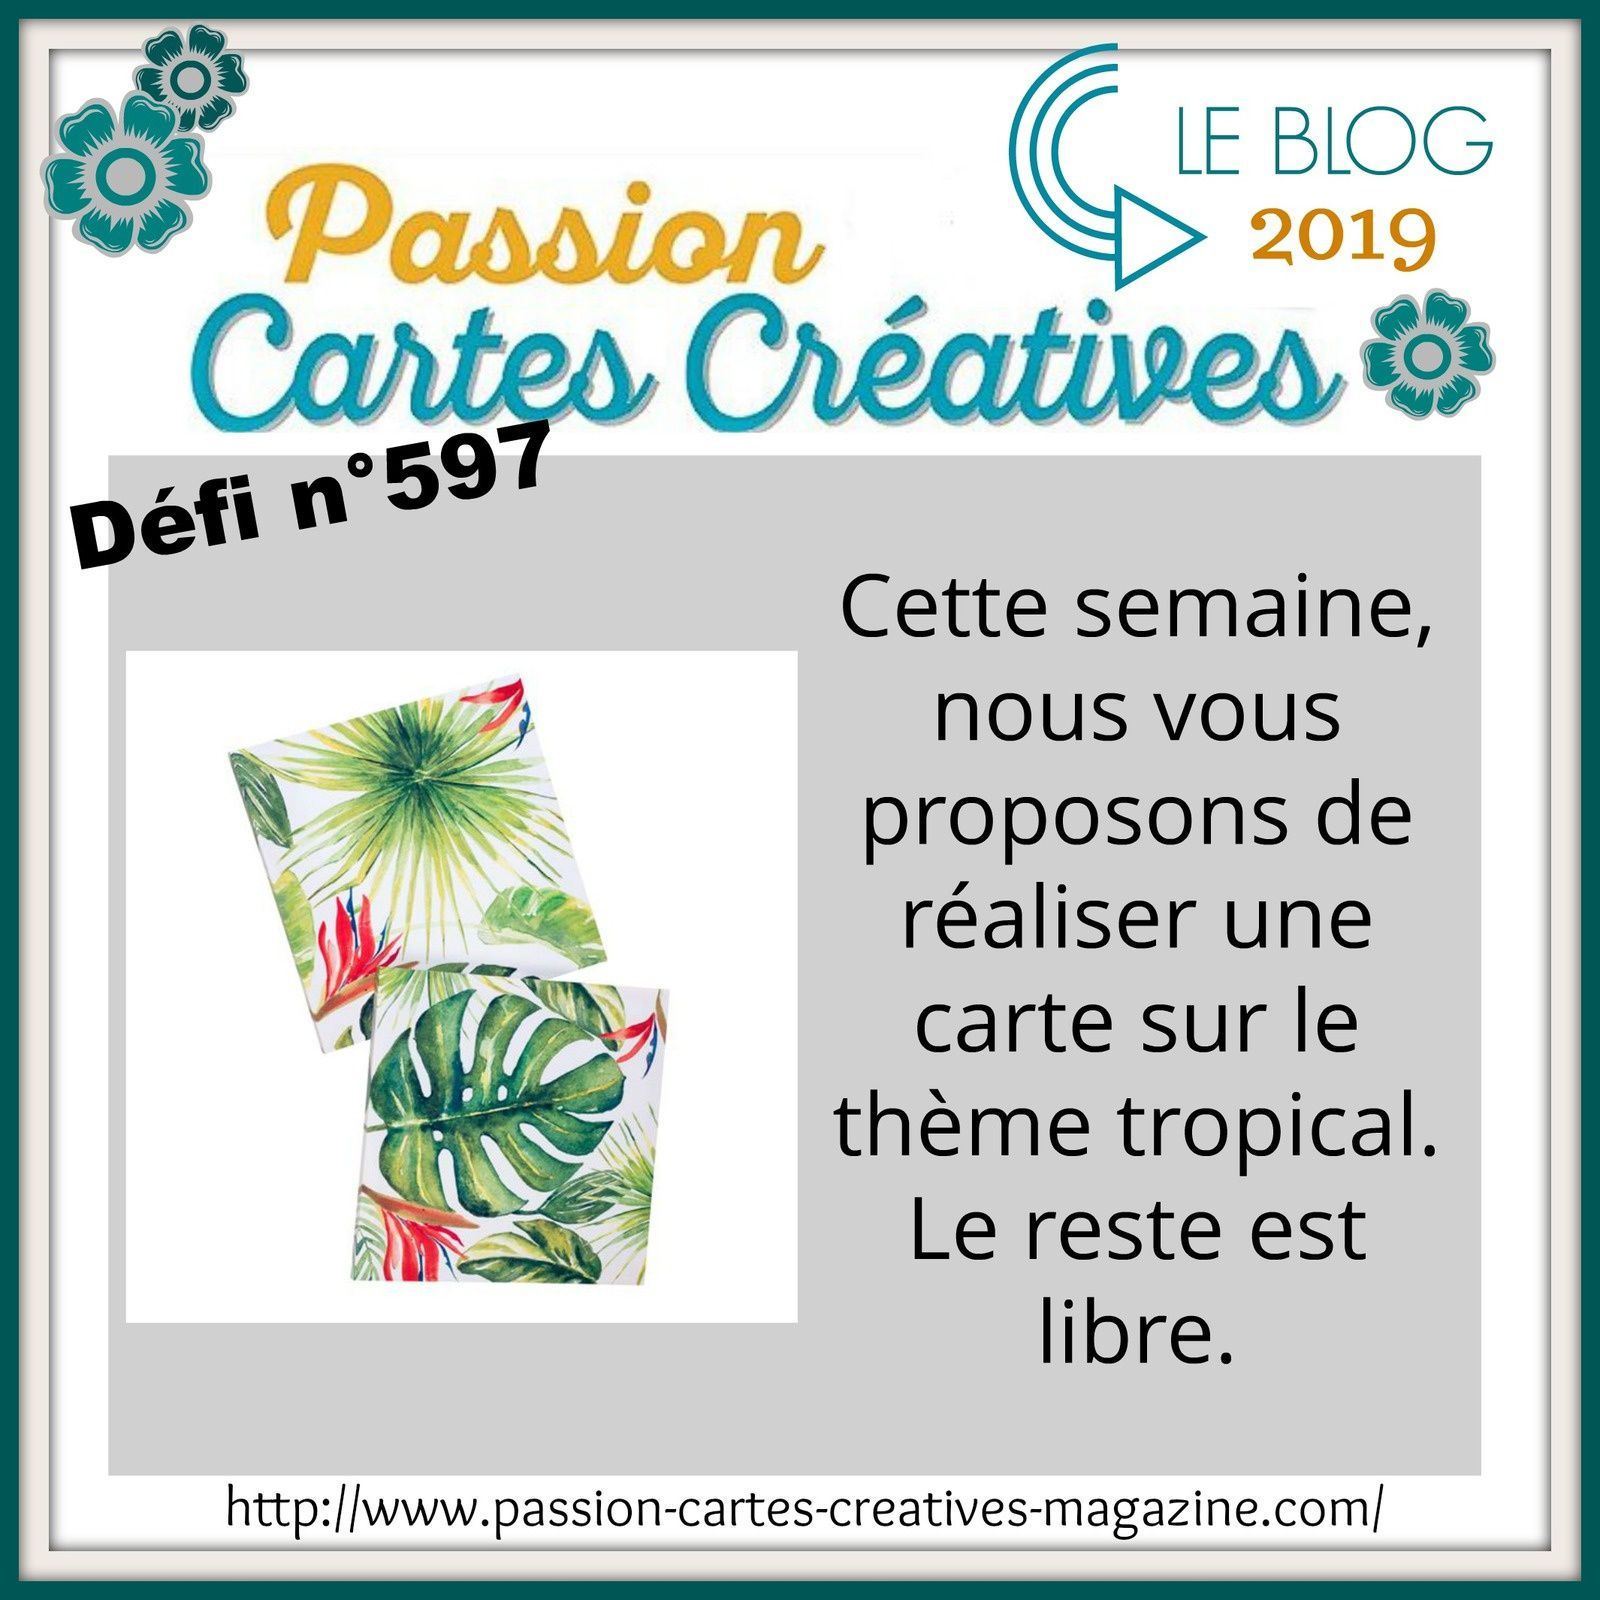 Défi 597 de Passion Cartes Créatives